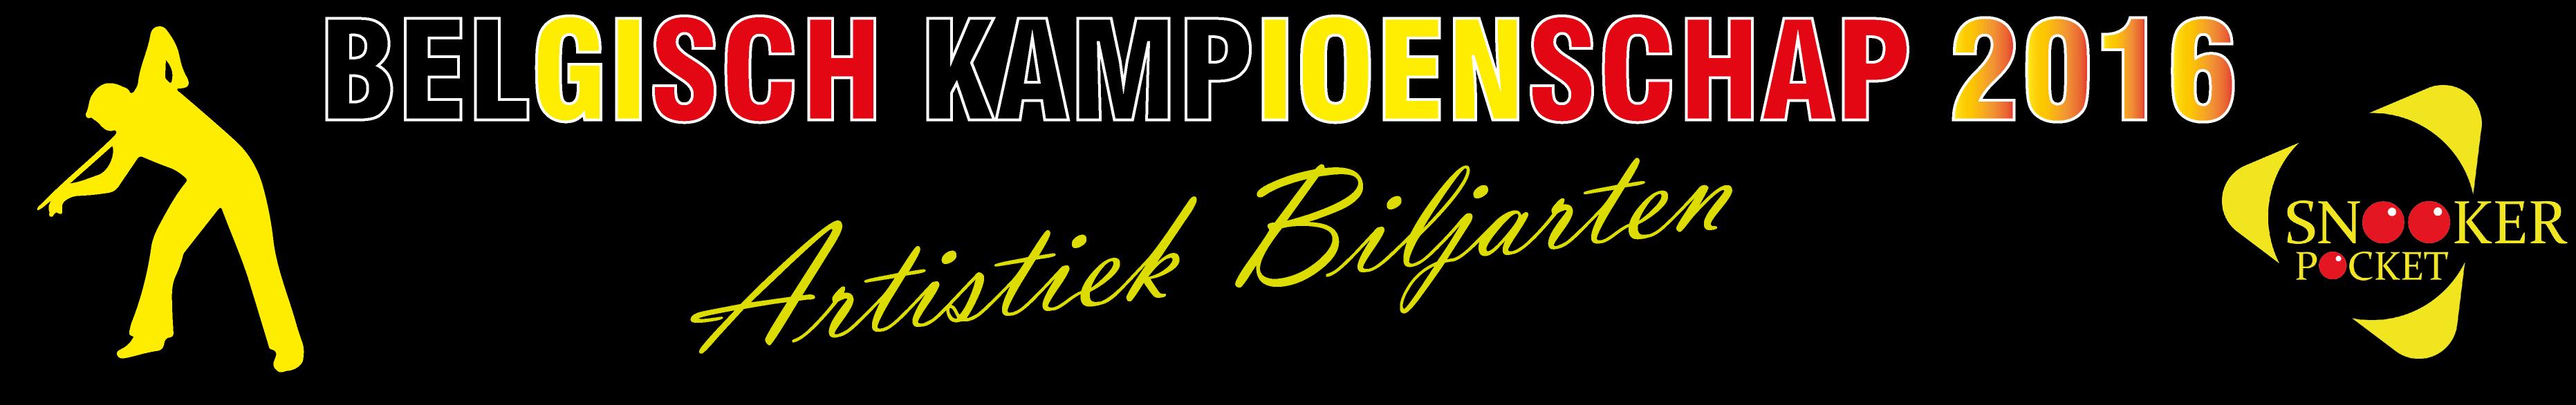 Live Stream Belgisch Kampioenschap